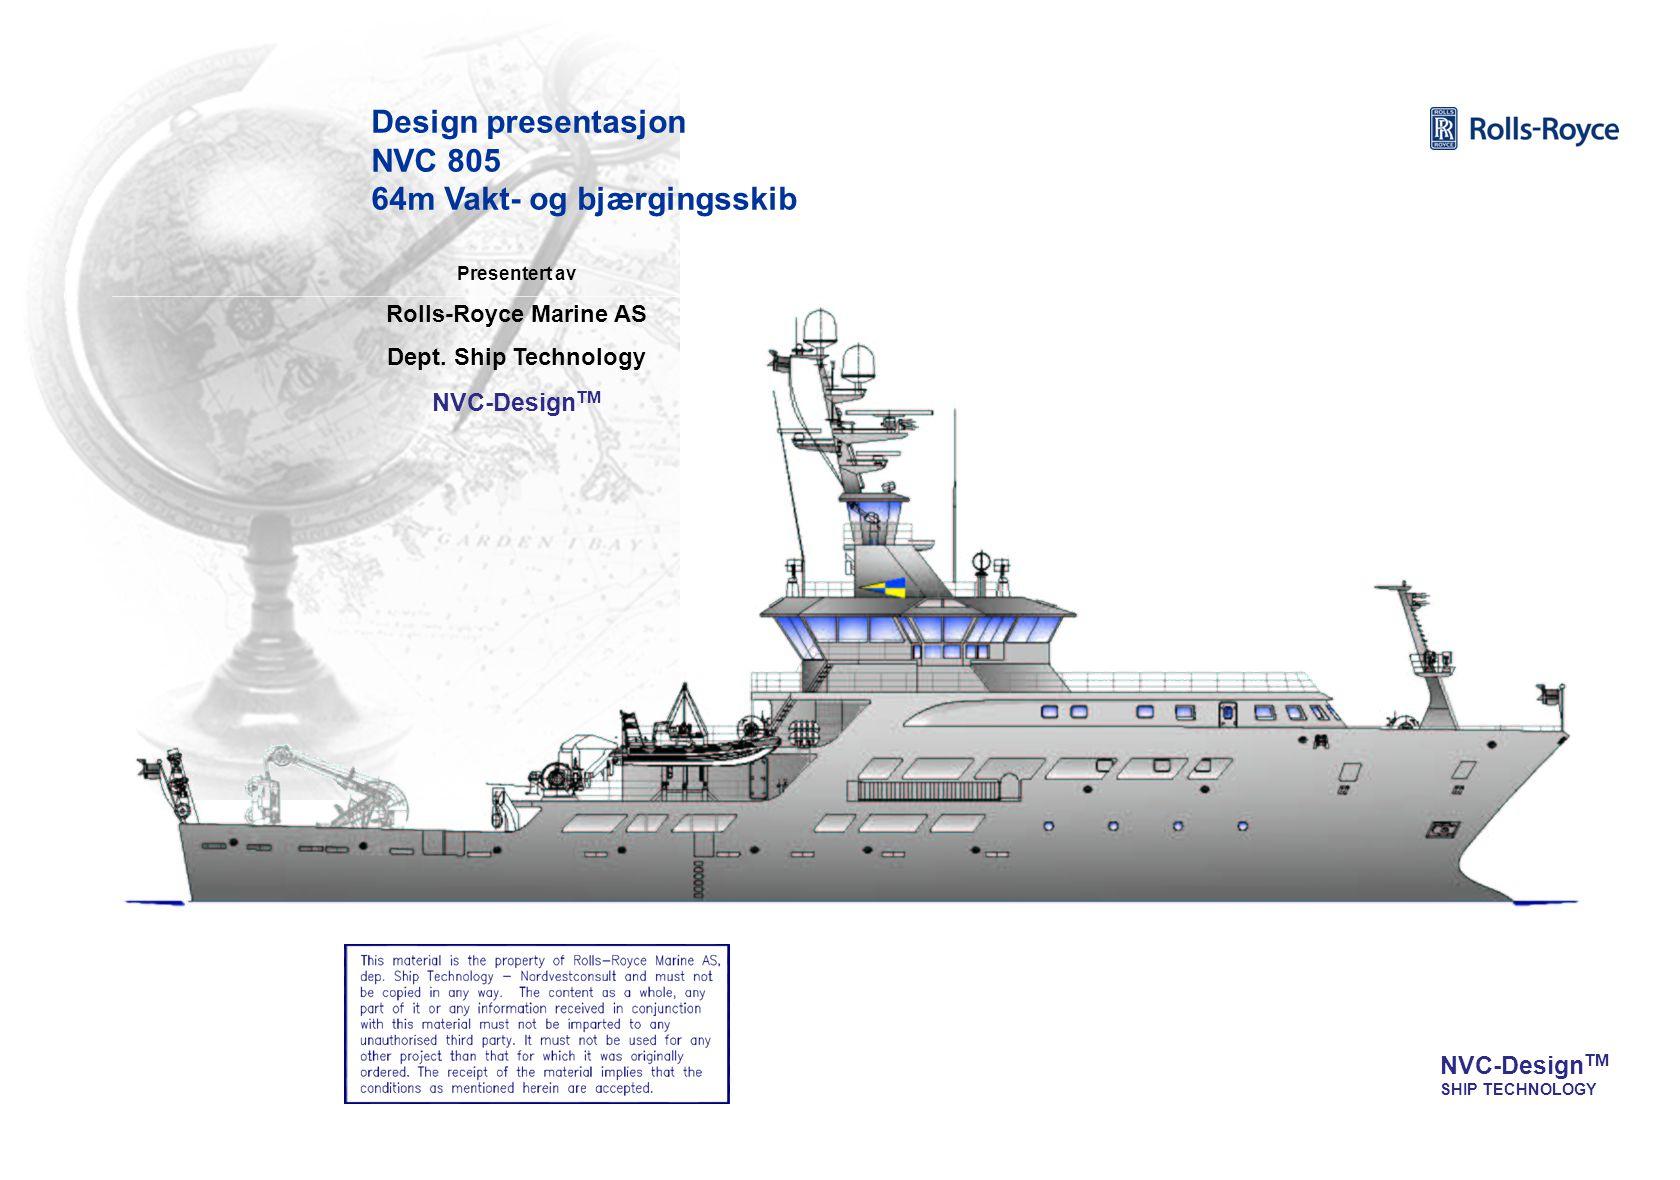 Design presentasjon NVC 805 64m Vakt- og bjærgingsskib